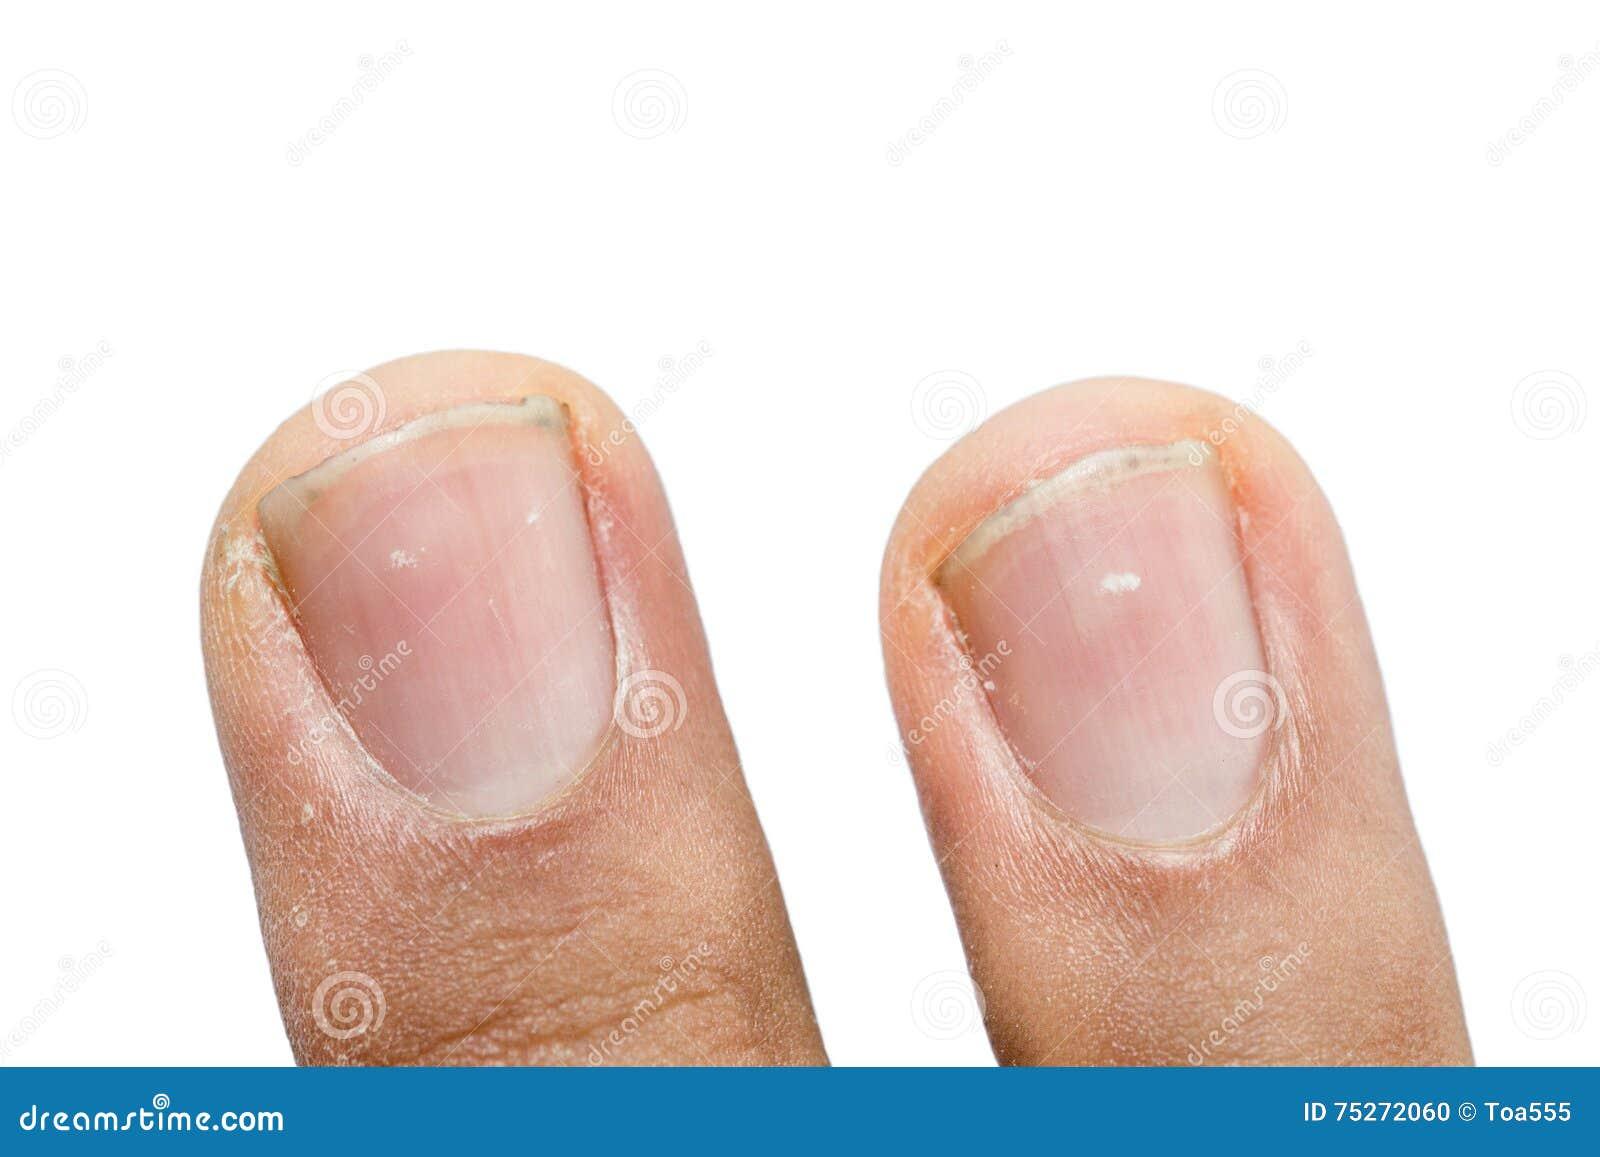 Белые пятна на ногтях рук что это означает?